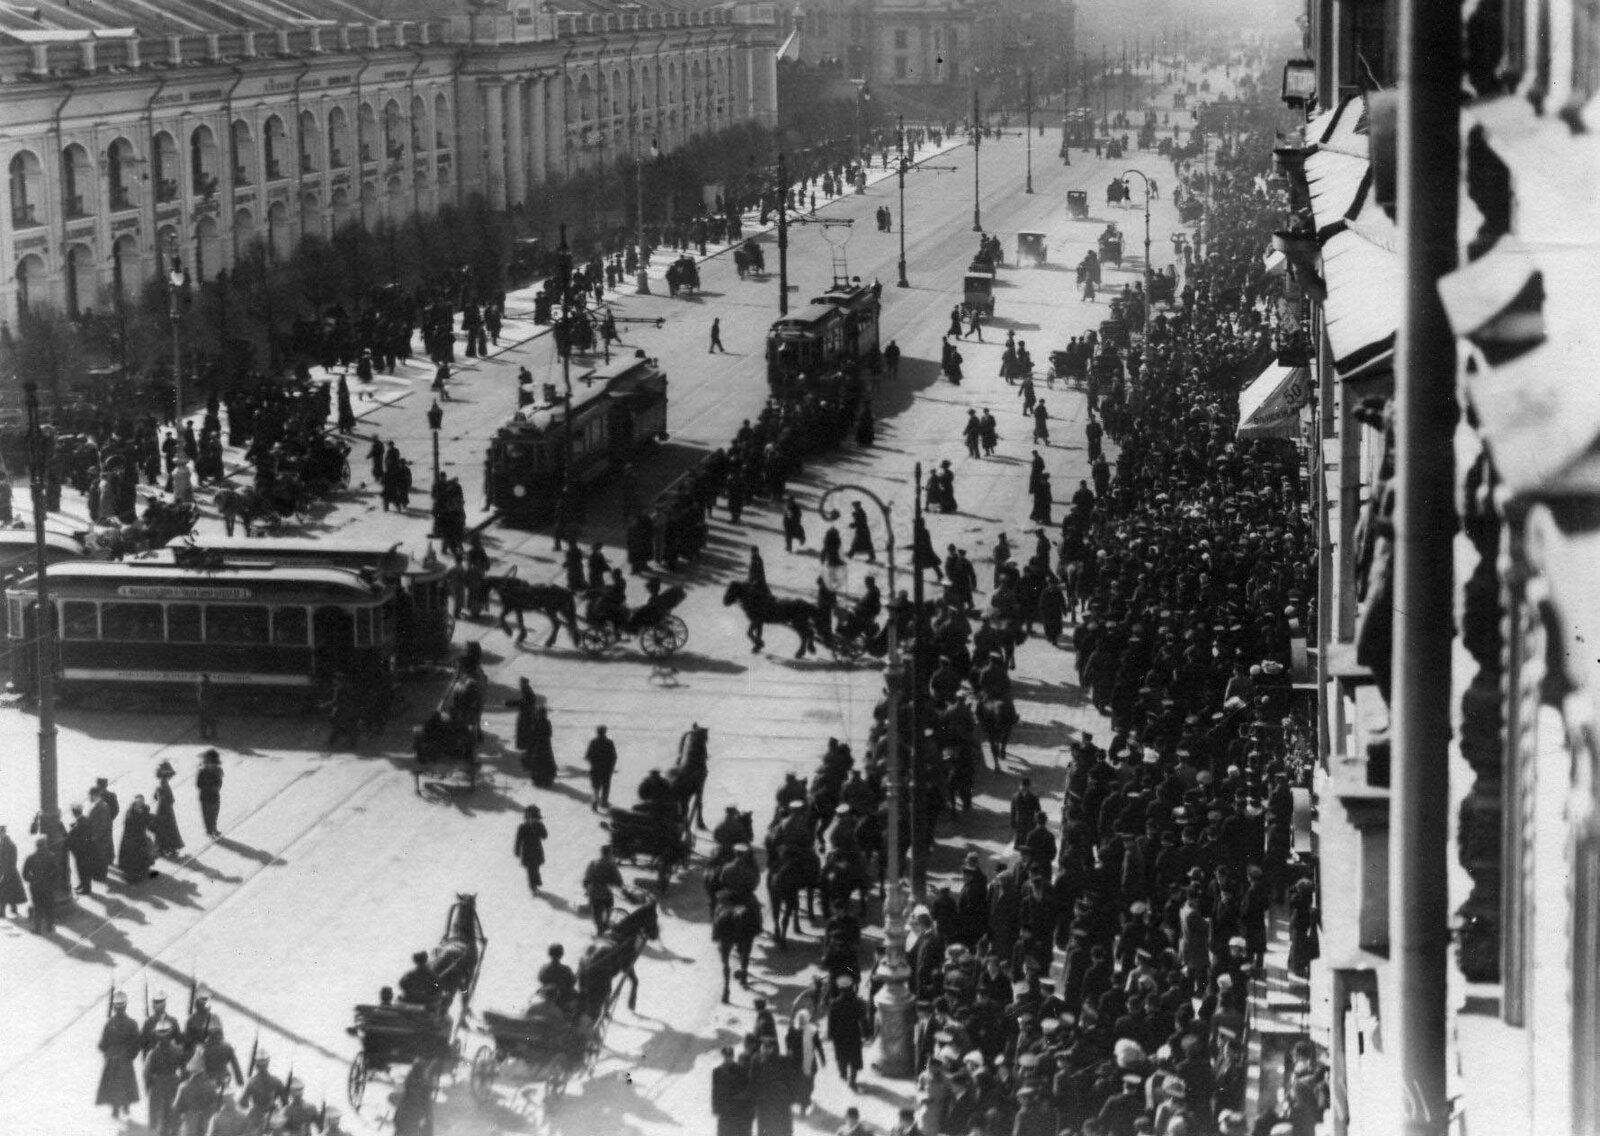 20. 1912.Демонстрация протеста на Невском проспекте. Санкт-Петербург. 15 апреля